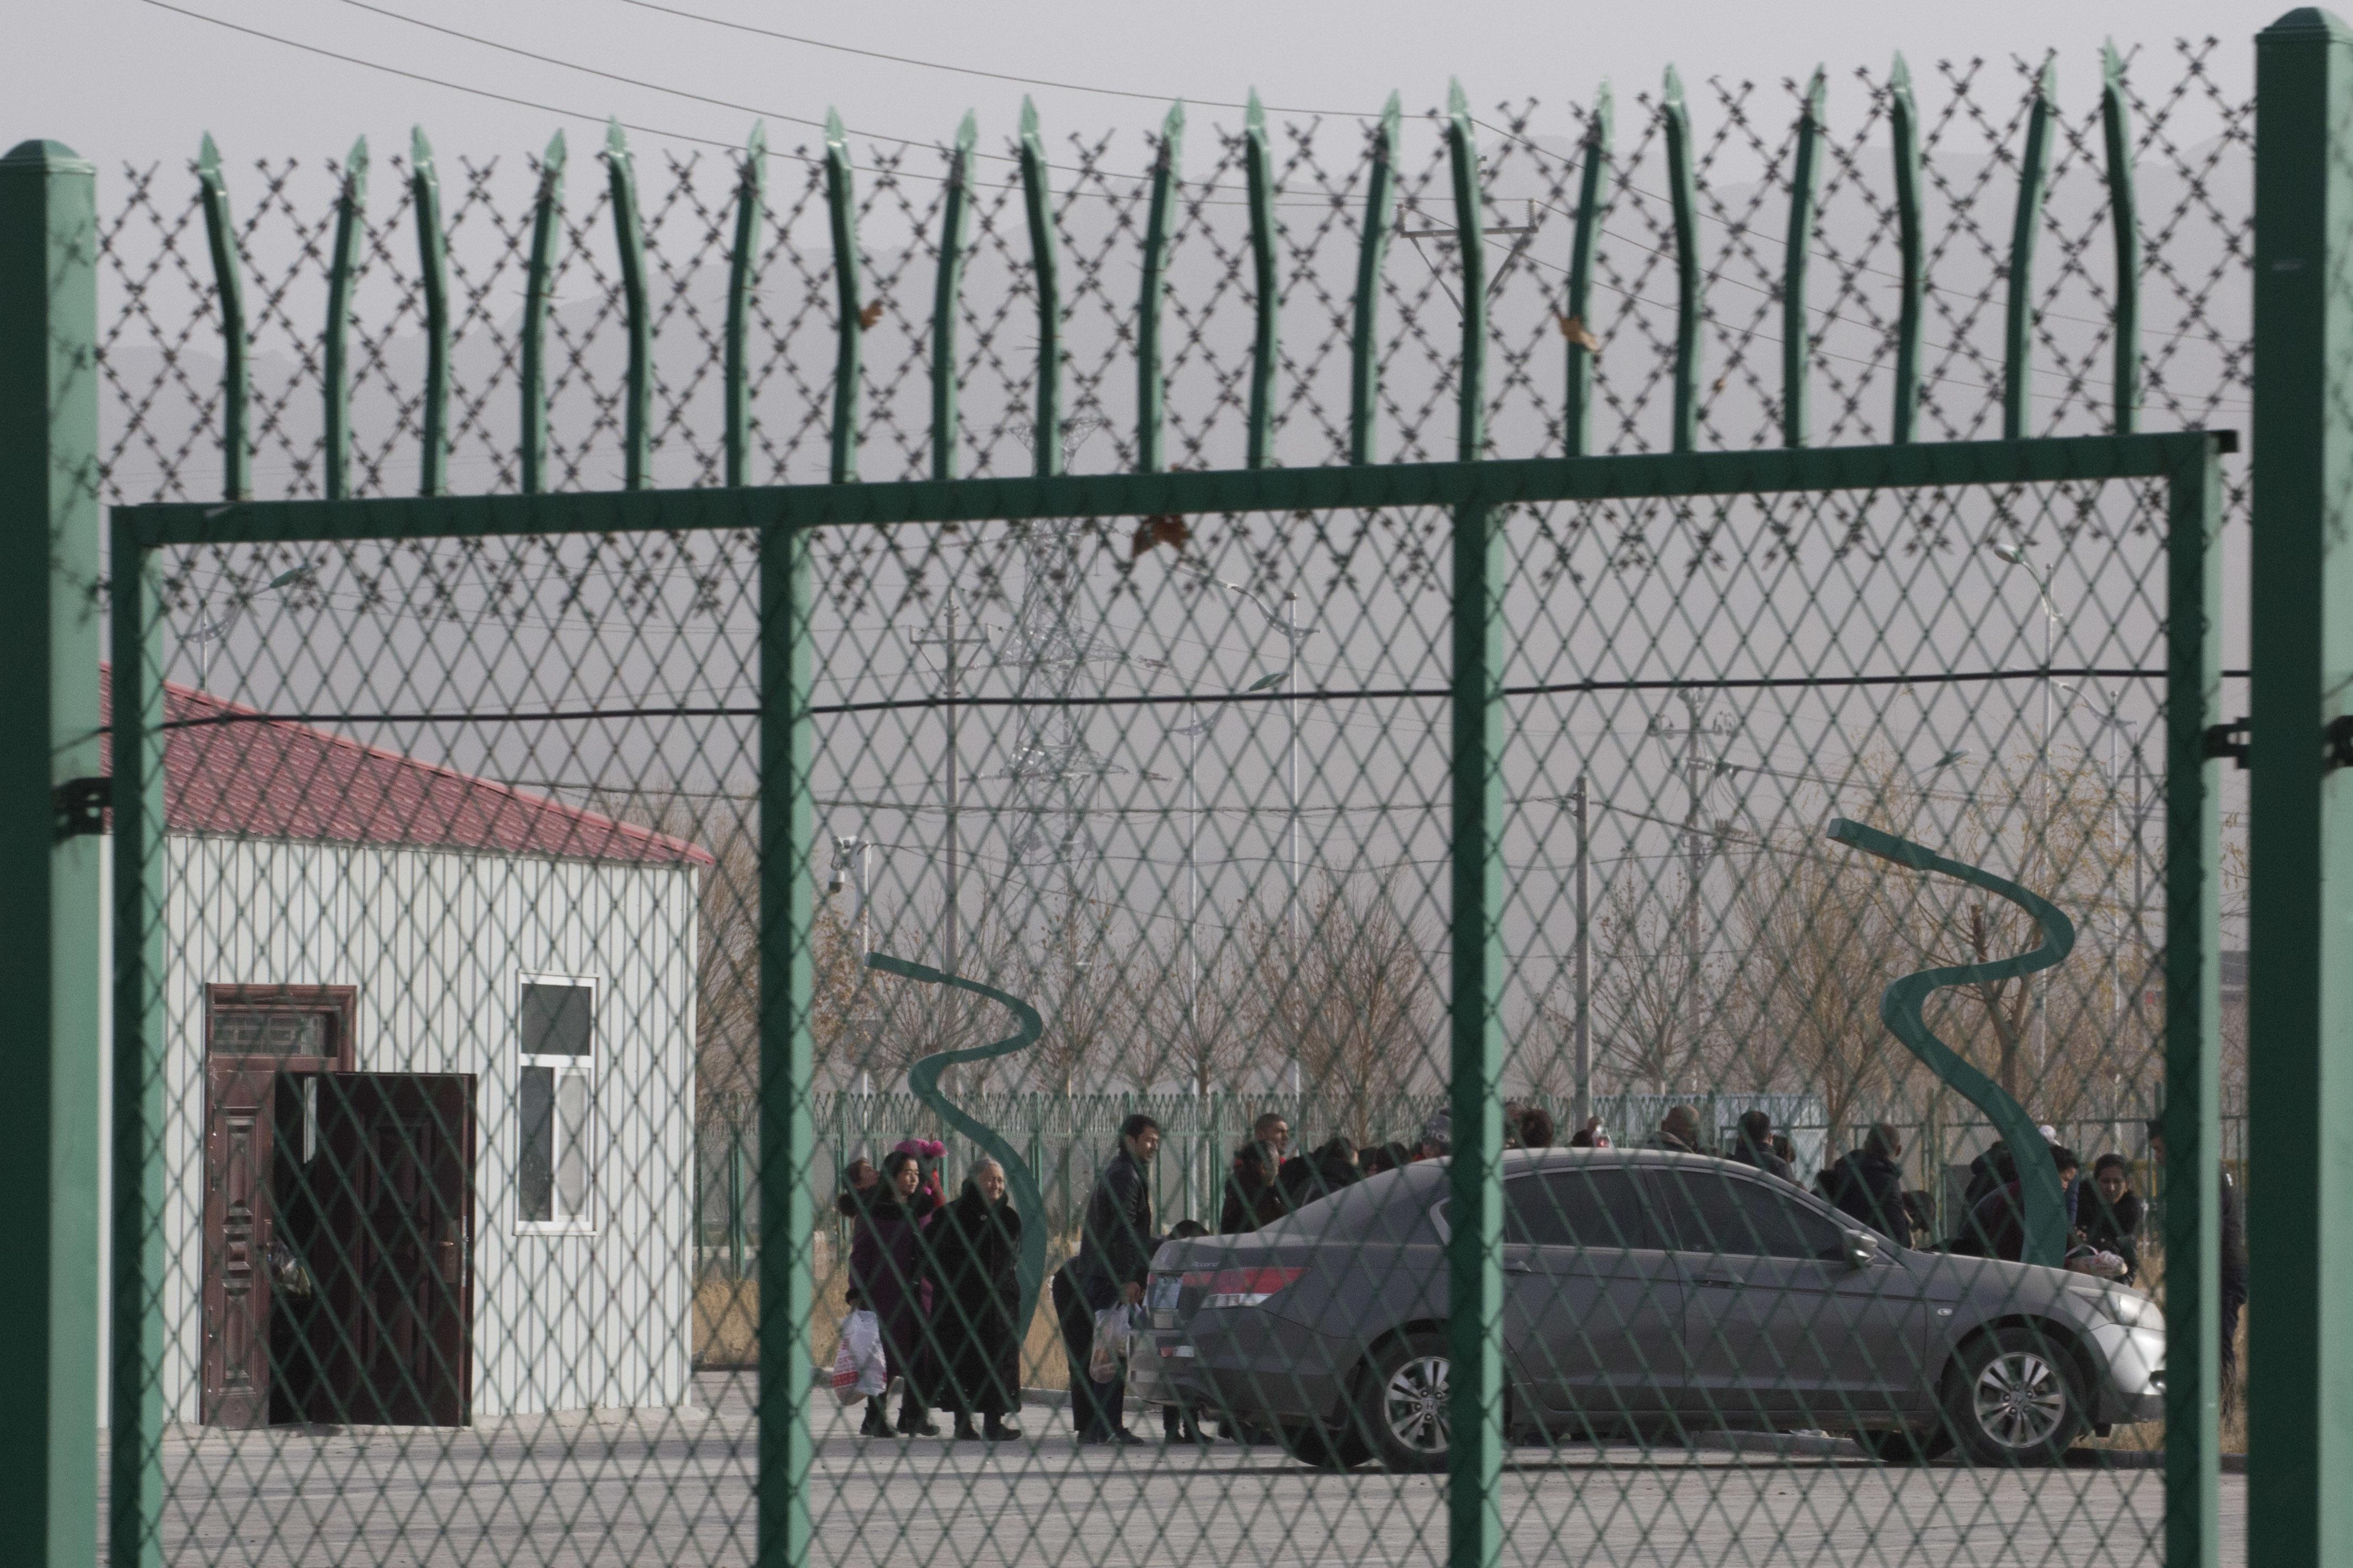 أحد مراكز الاعتقال المشتبه فيها بشينجيانغ